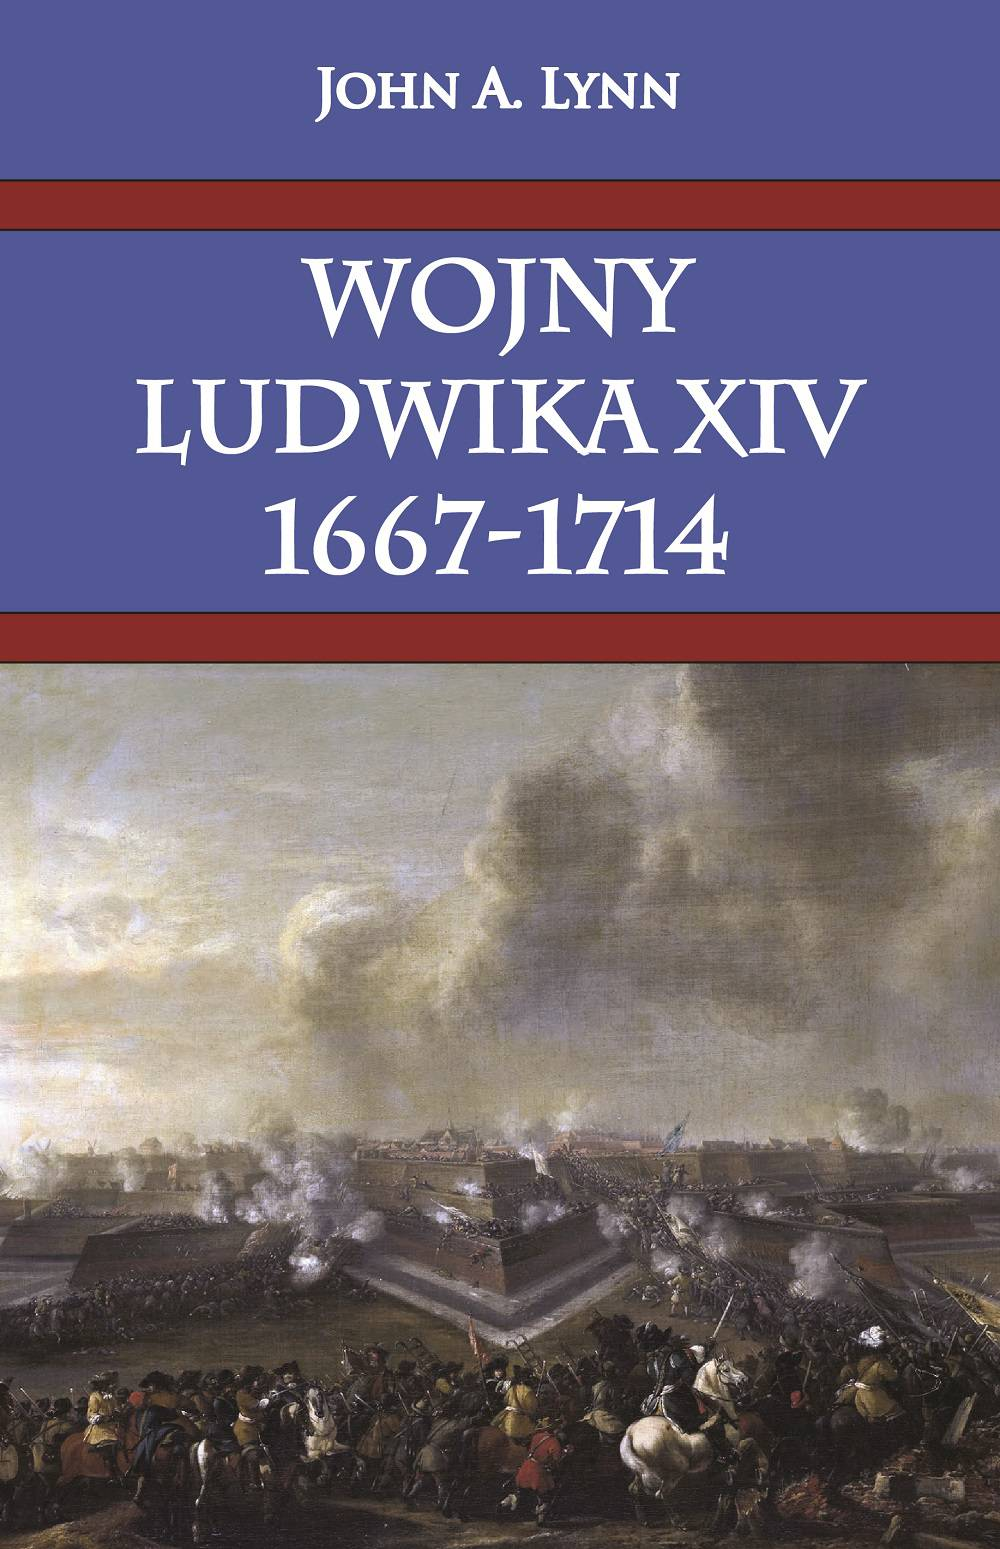 Wojny Ludwika XIV 1667-1714 - Ebook (Książka na Kindle) do pobrania w formacie MOBI